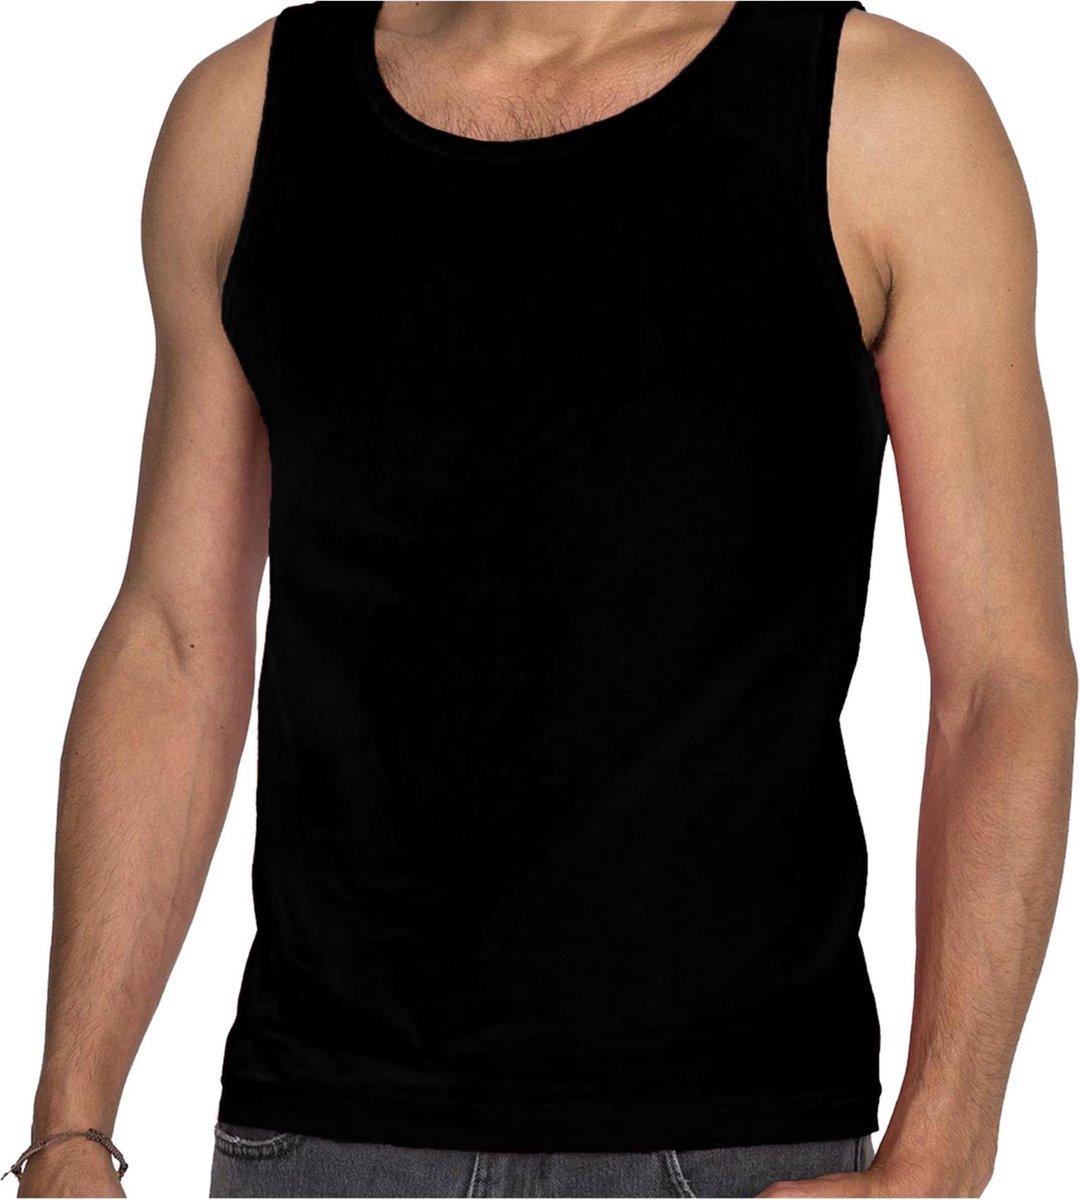 Zwarte tanktop / hemdje voor heren - Fruit of The Loom - katoen - mouwloos t-shirt / tanktops / sing